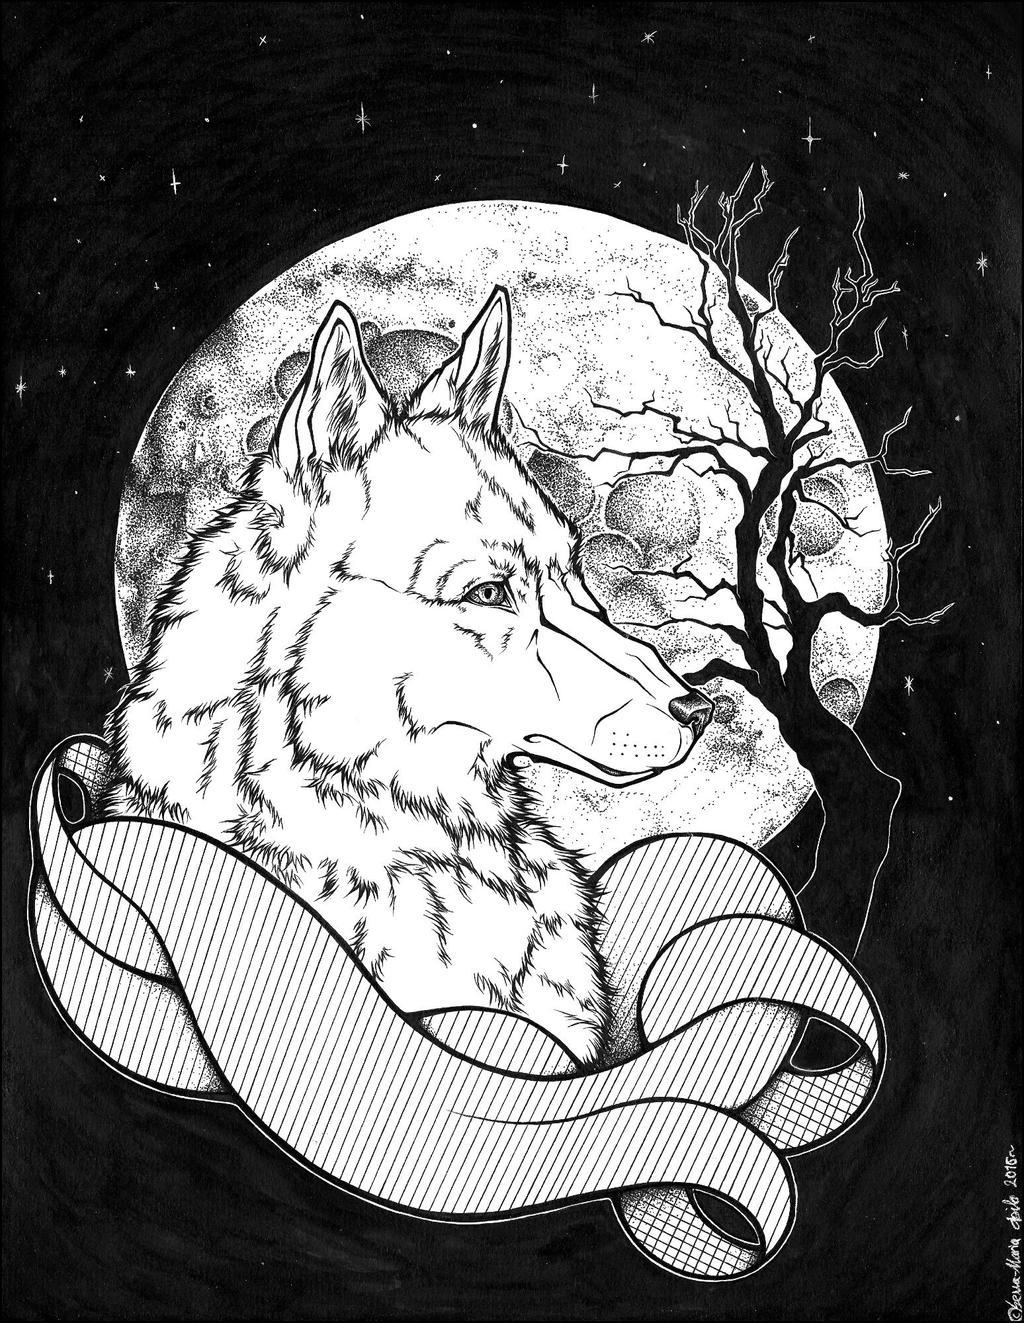 Moonlight by Starkku